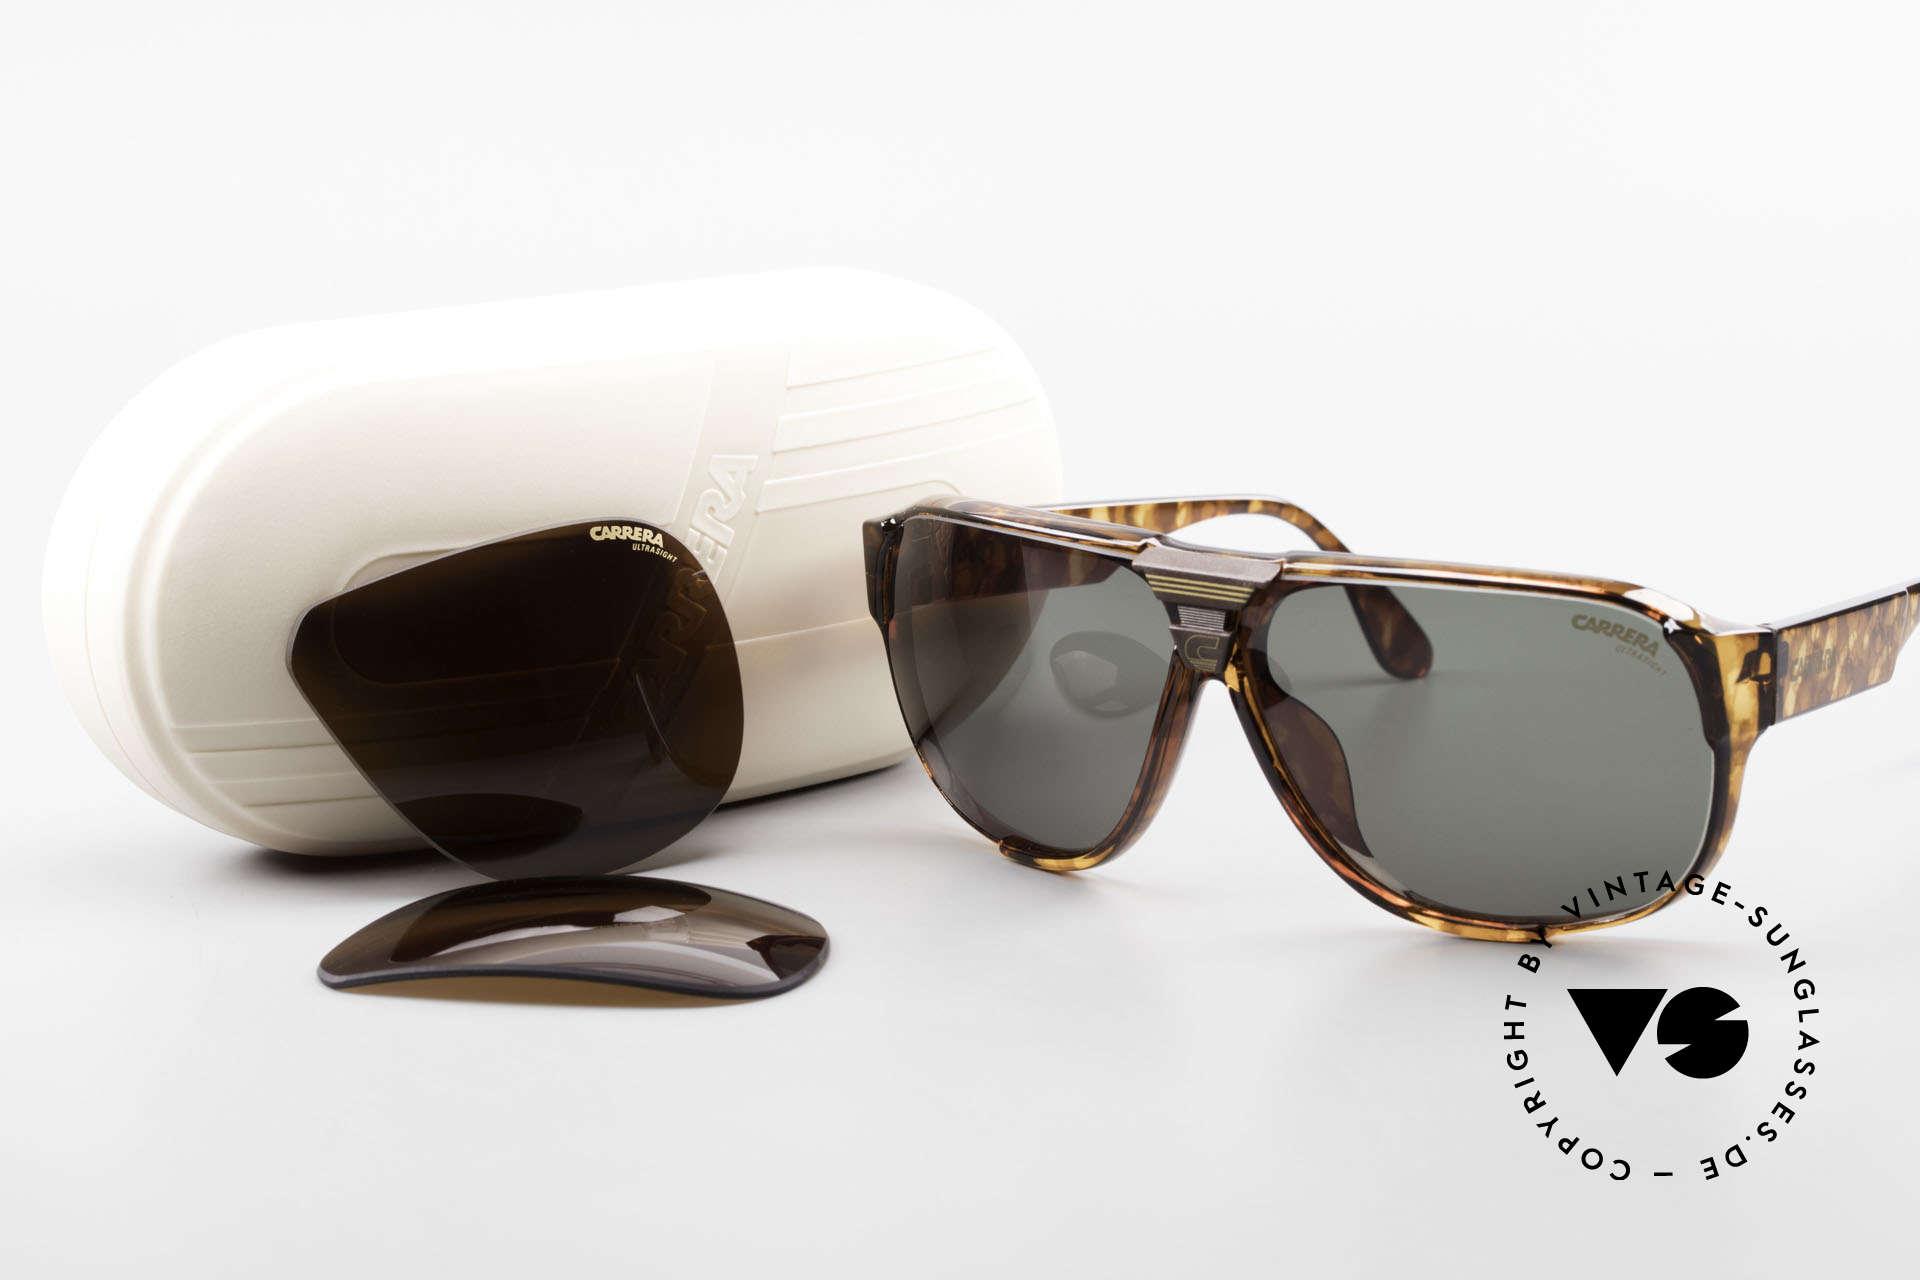 Carrera 5431 80's Alpine Changer Sunglasses, NO RETRO sunglasses; a rare vintage ORIGINAL, Made for Men